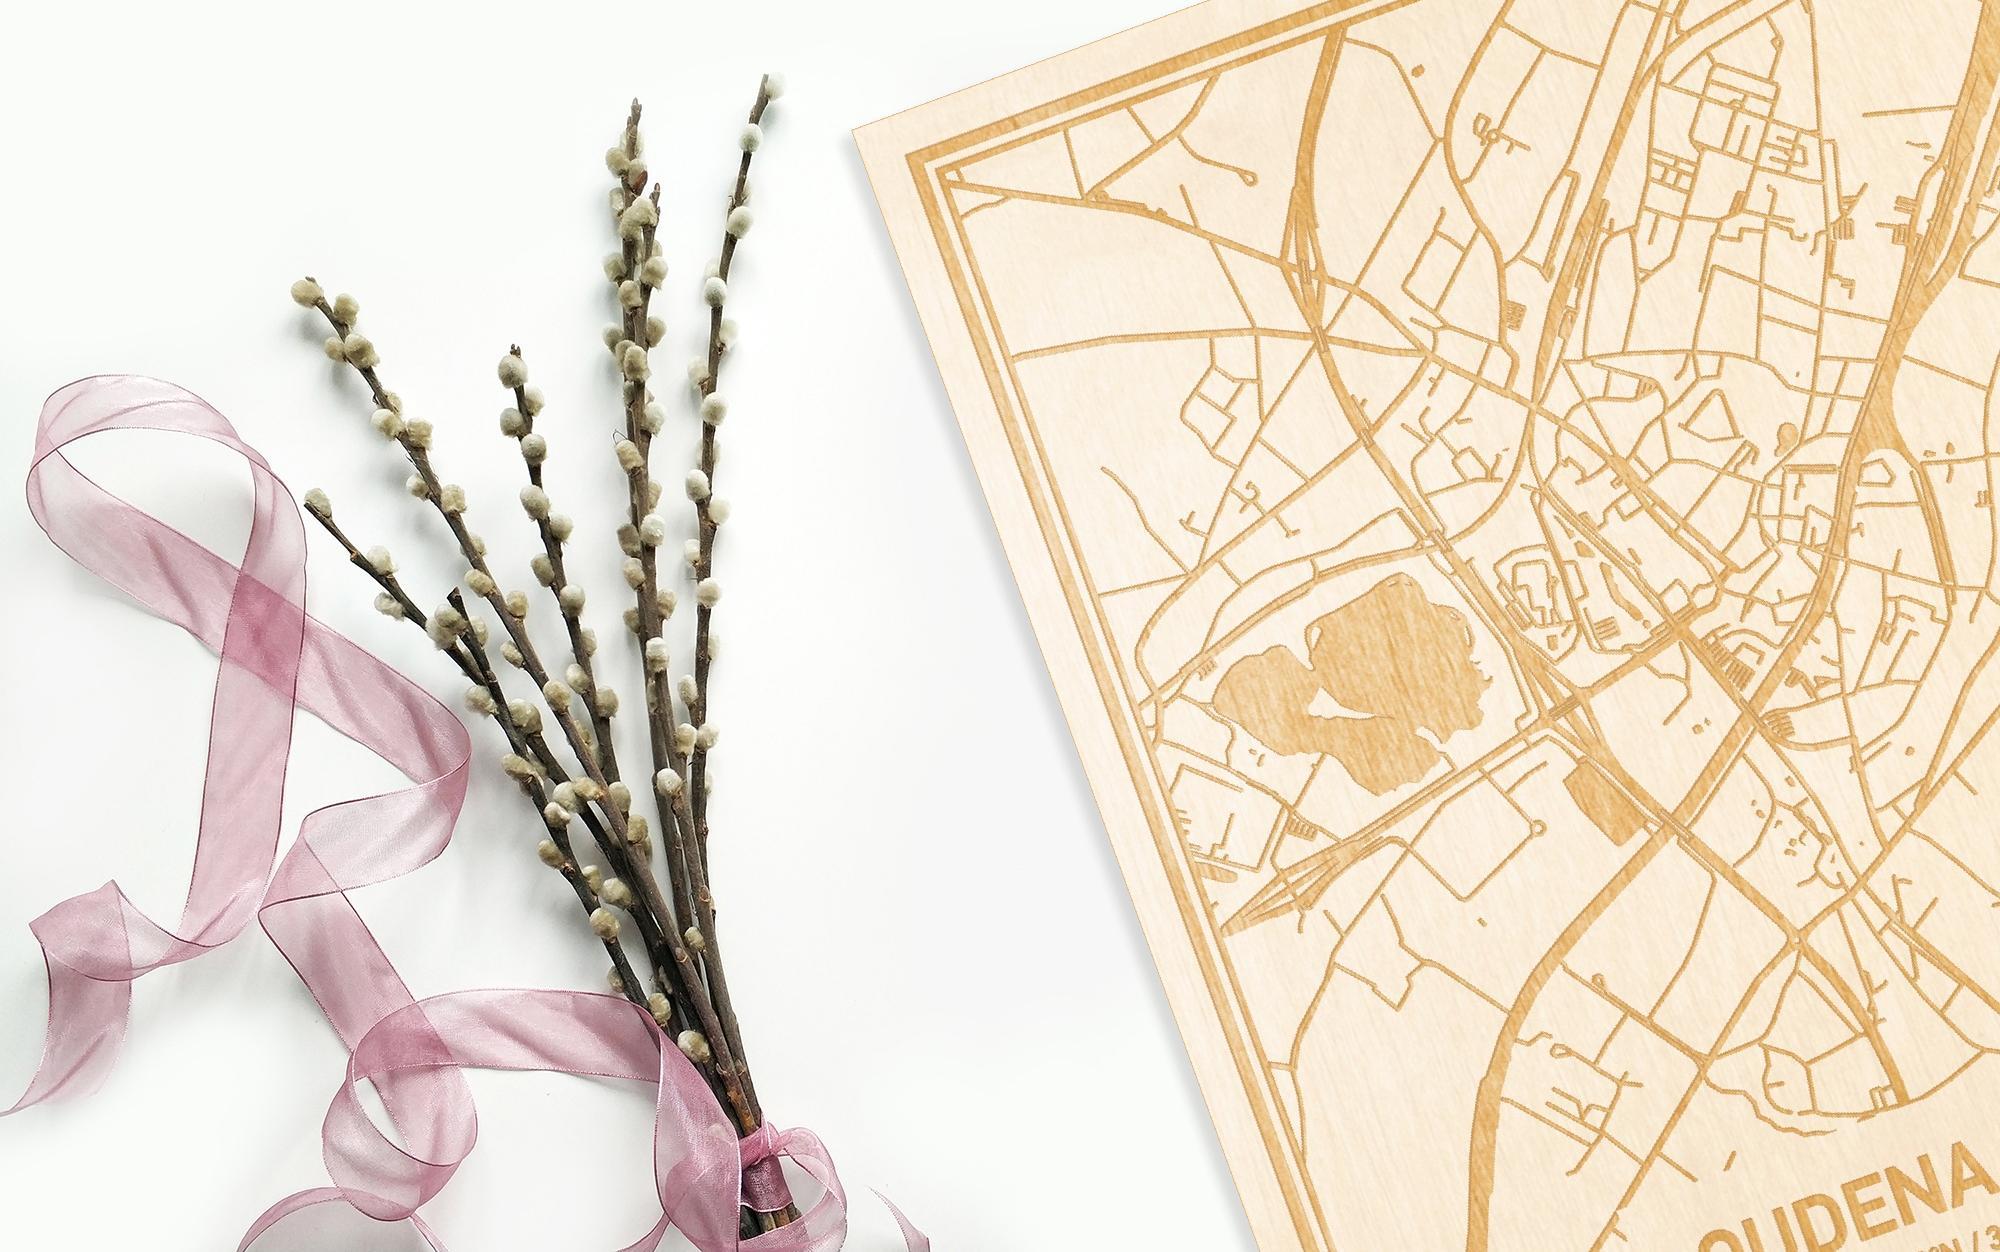 Hier ligt de houten plattegrond Oudenaarde naast een bloemetje als gepersonaliseerd cadeau voor haar.